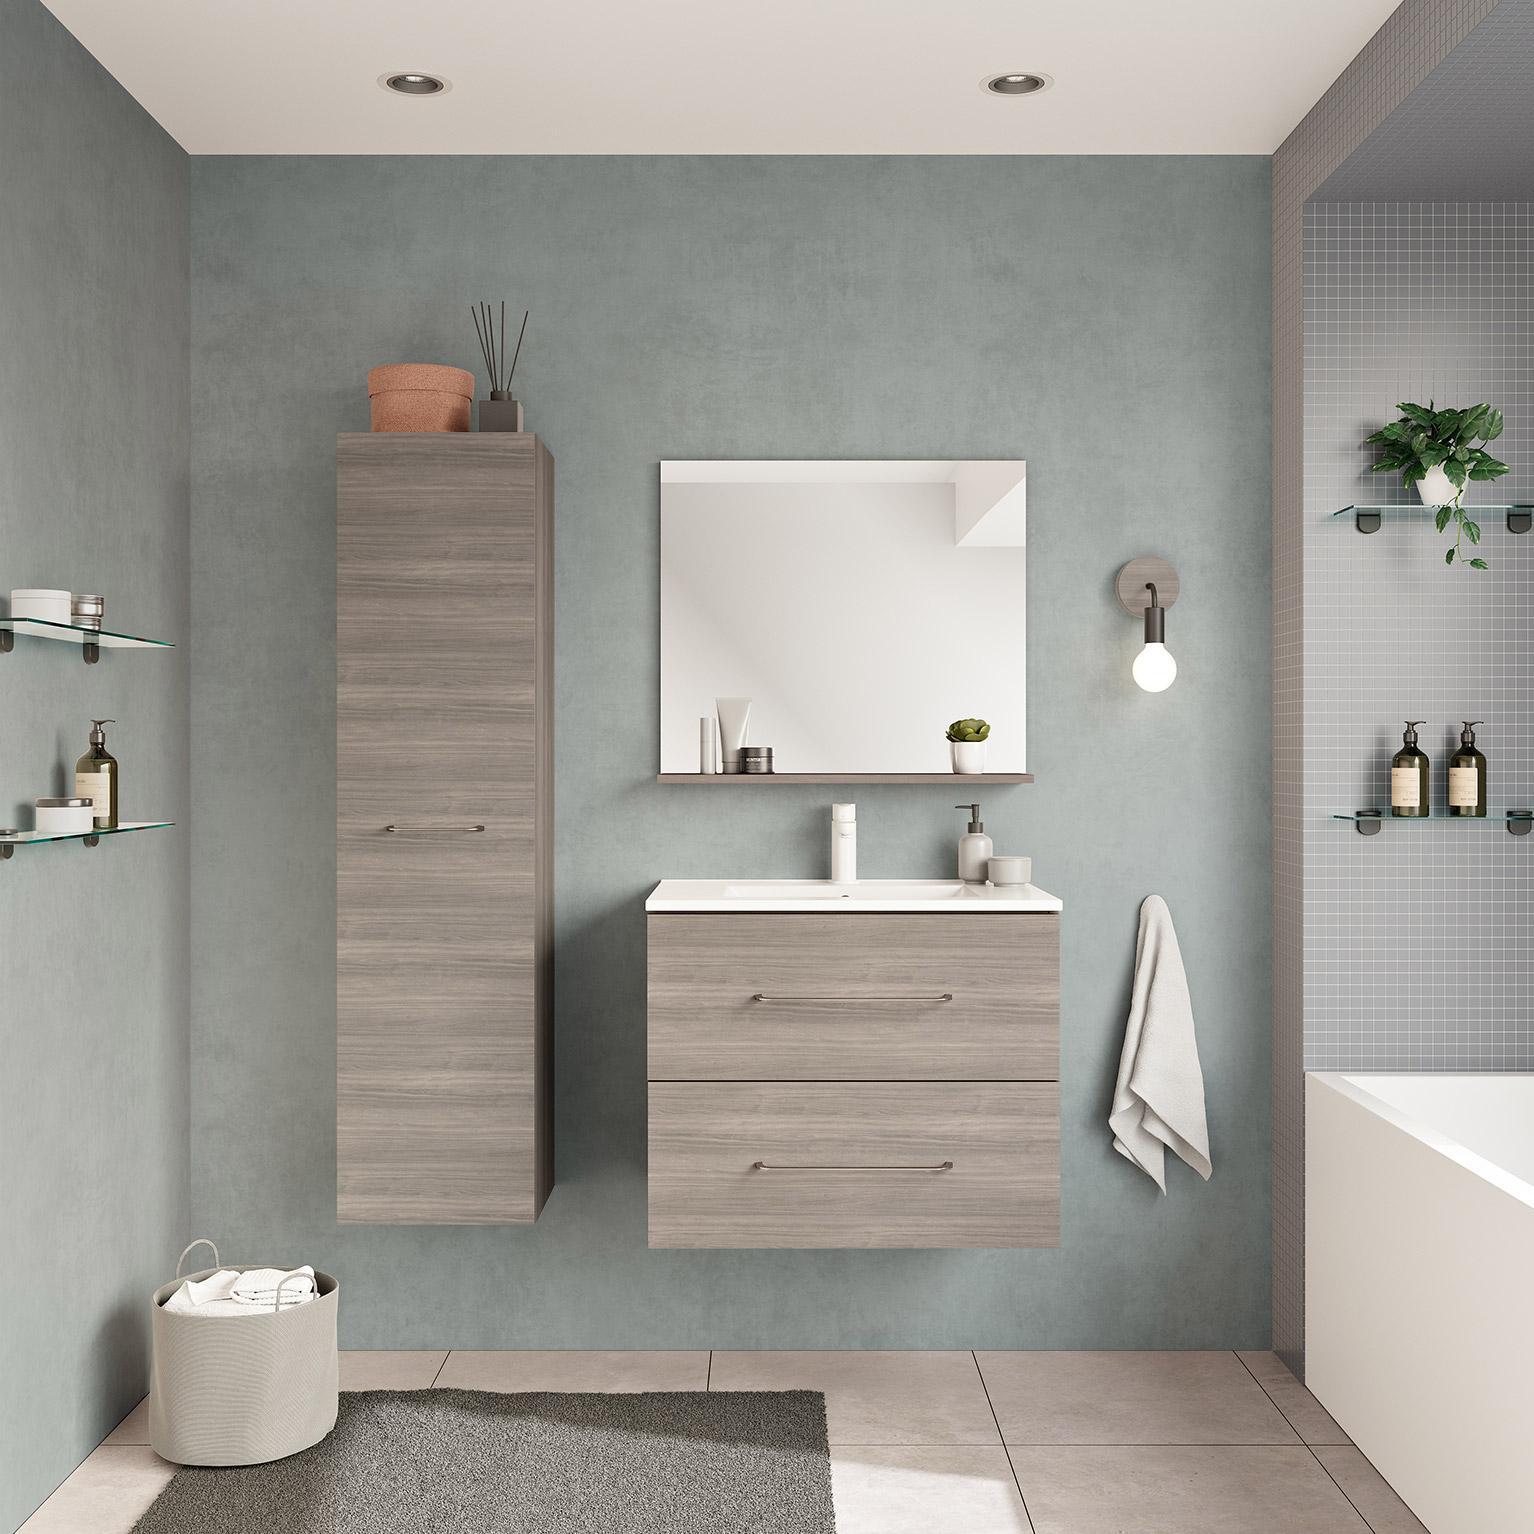 Armoire Salle De Bain 70 Cm Largeur meuble de salle de bains, clik l.70 x h.57 x p.45 cm, effet chêne grisé,  clik